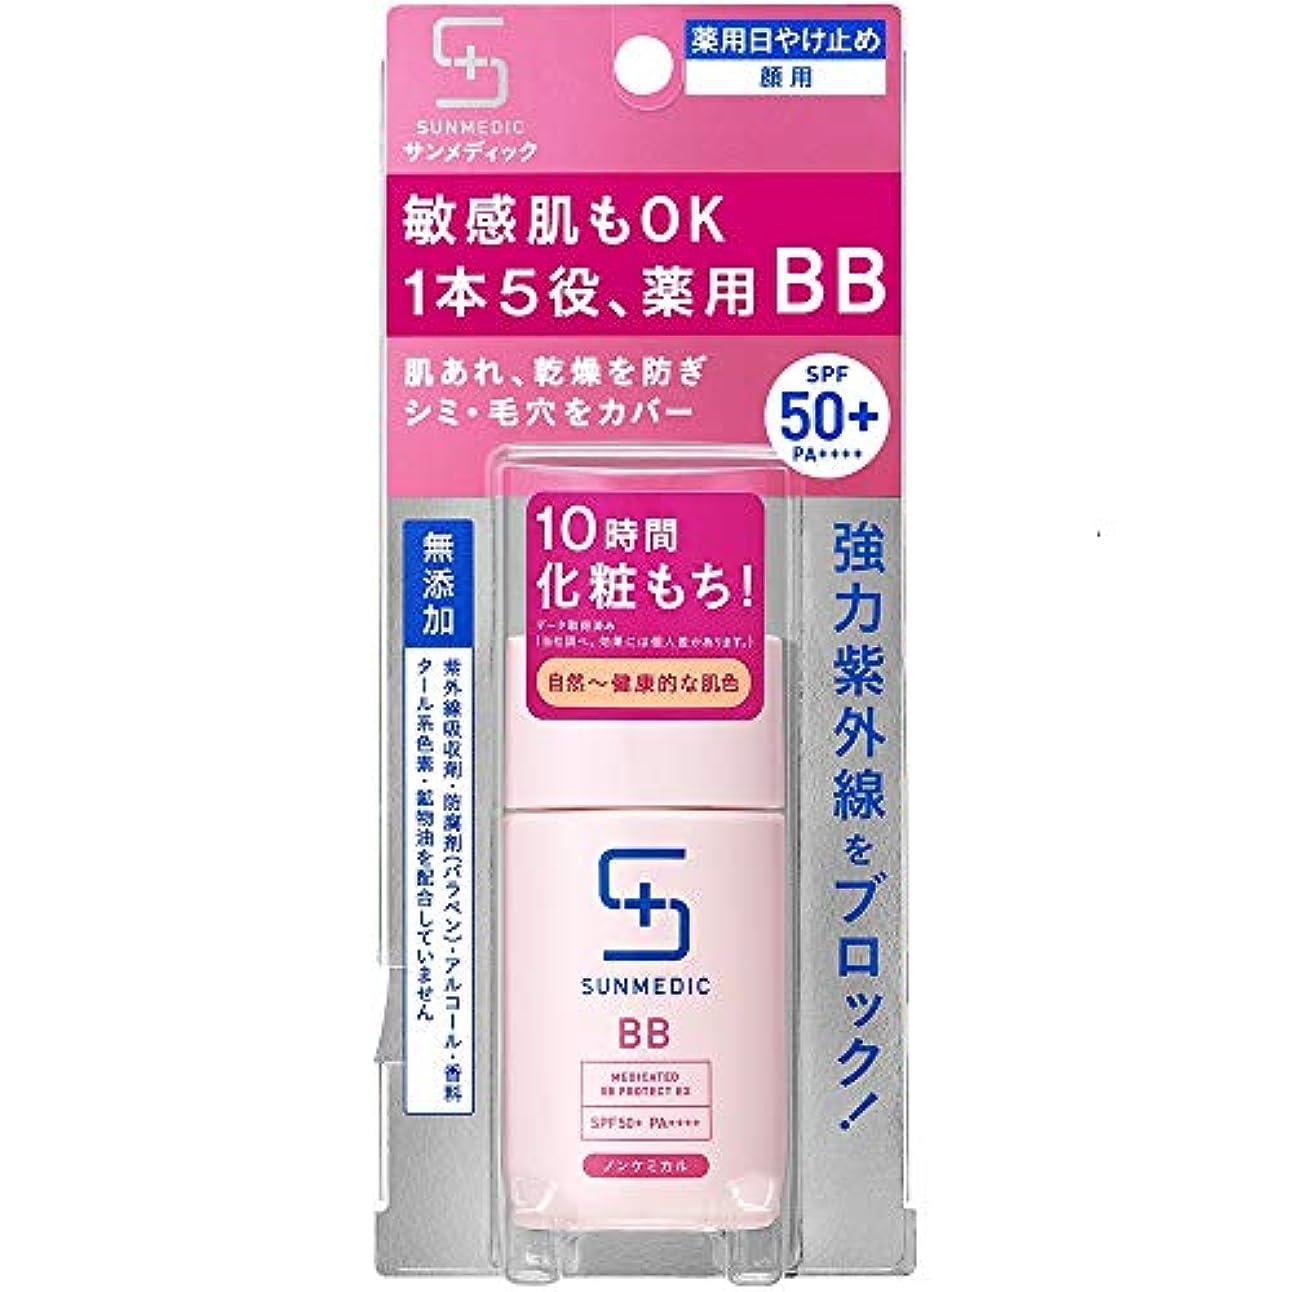 変更可能揃えるサーキットに行くサンメディックUV 薬用BBプロテクトEX ナチュラル 30ml (医薬部外品)